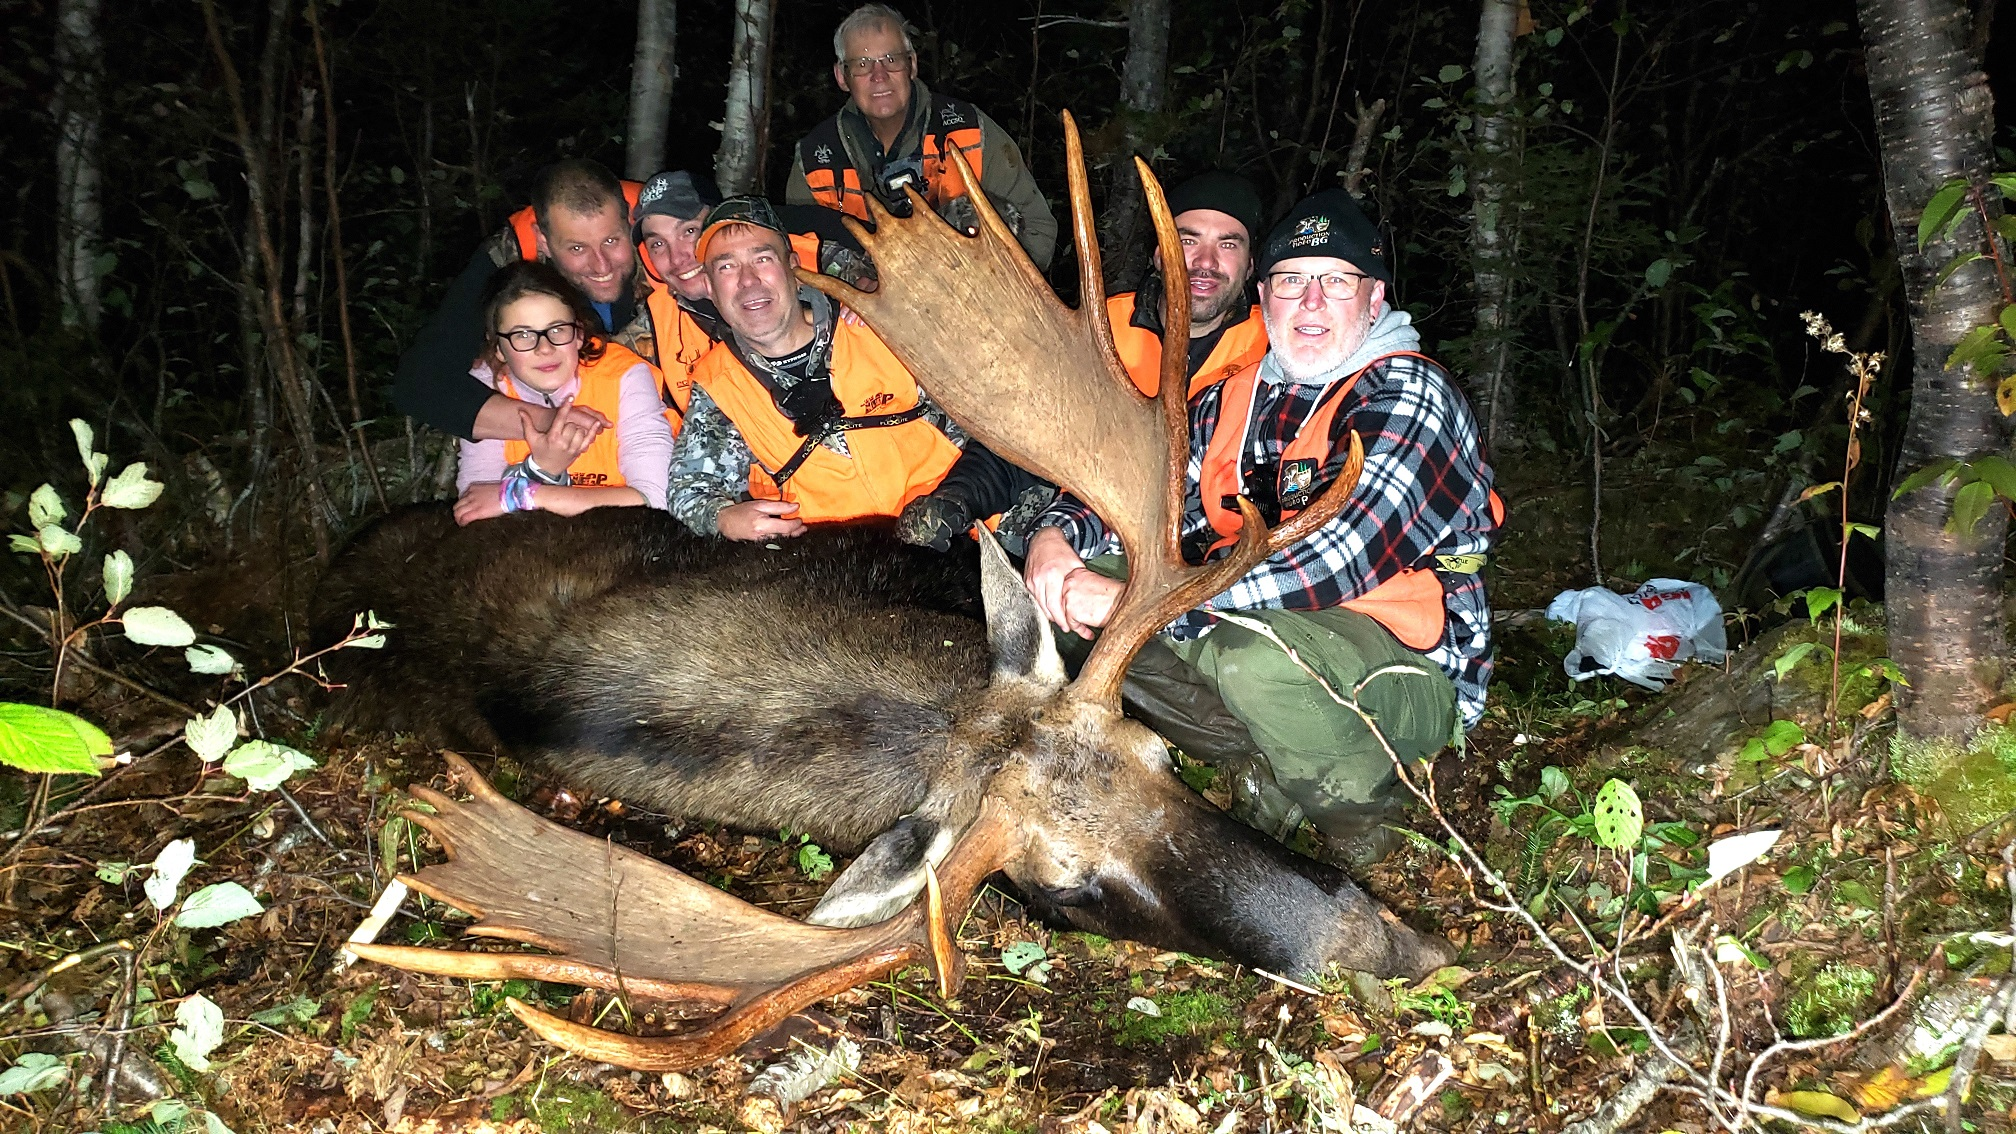 L'équipe de chasse de la TFCP a relevé le défi de faire récolter des orignaux à trois jeunes chasseurs de la relève, des séquences tournées dans la péninsule gaspésienne.